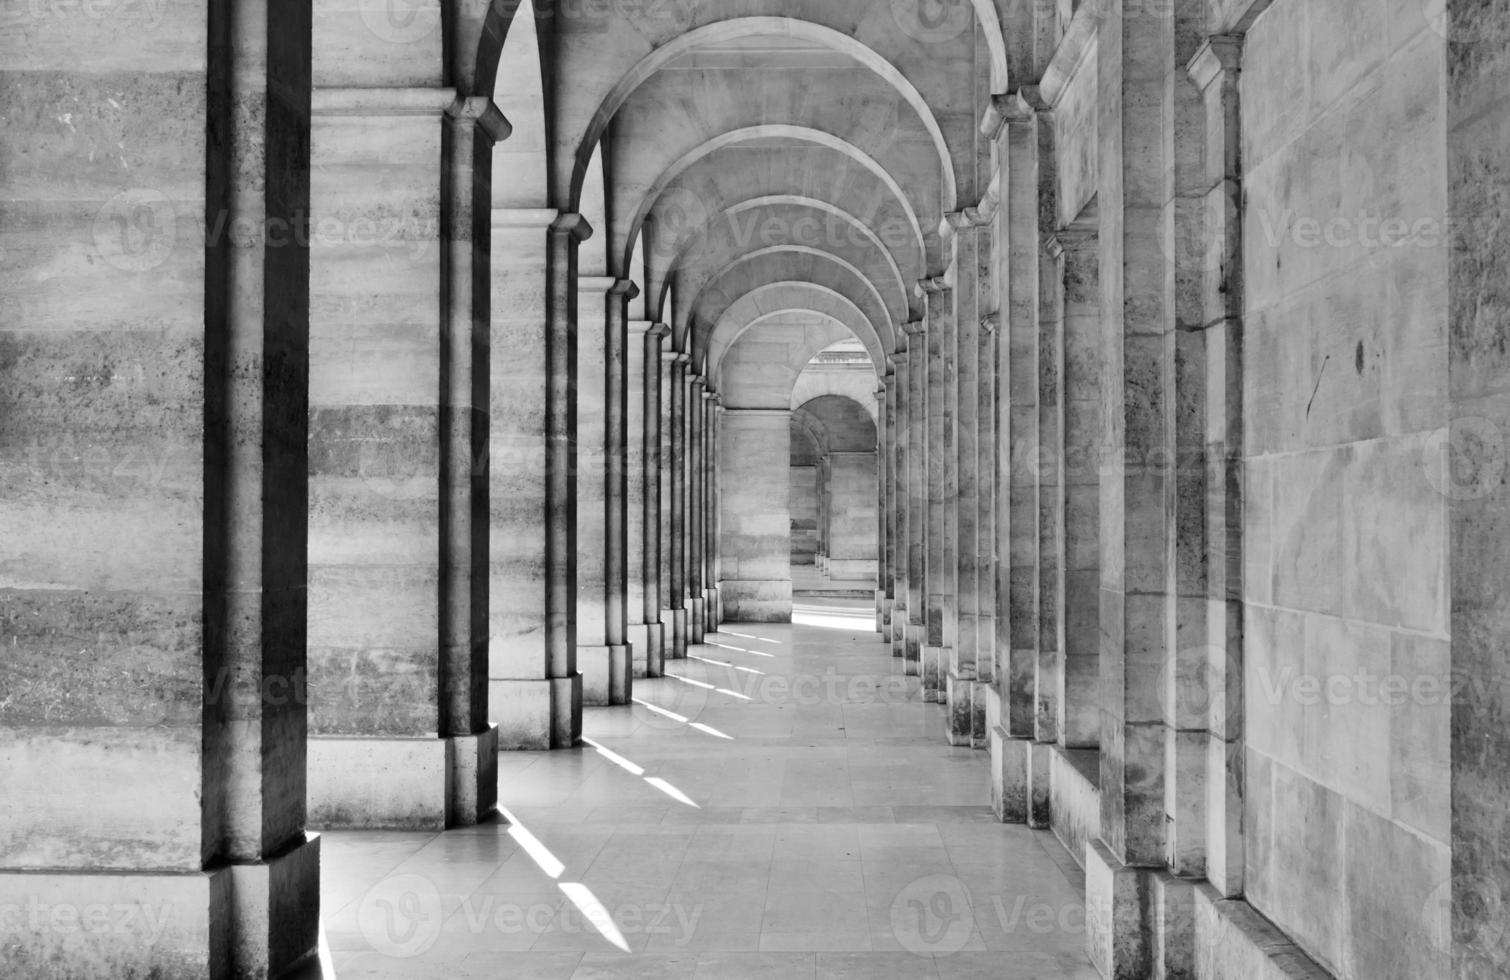 utsikt över kolonnaden foto